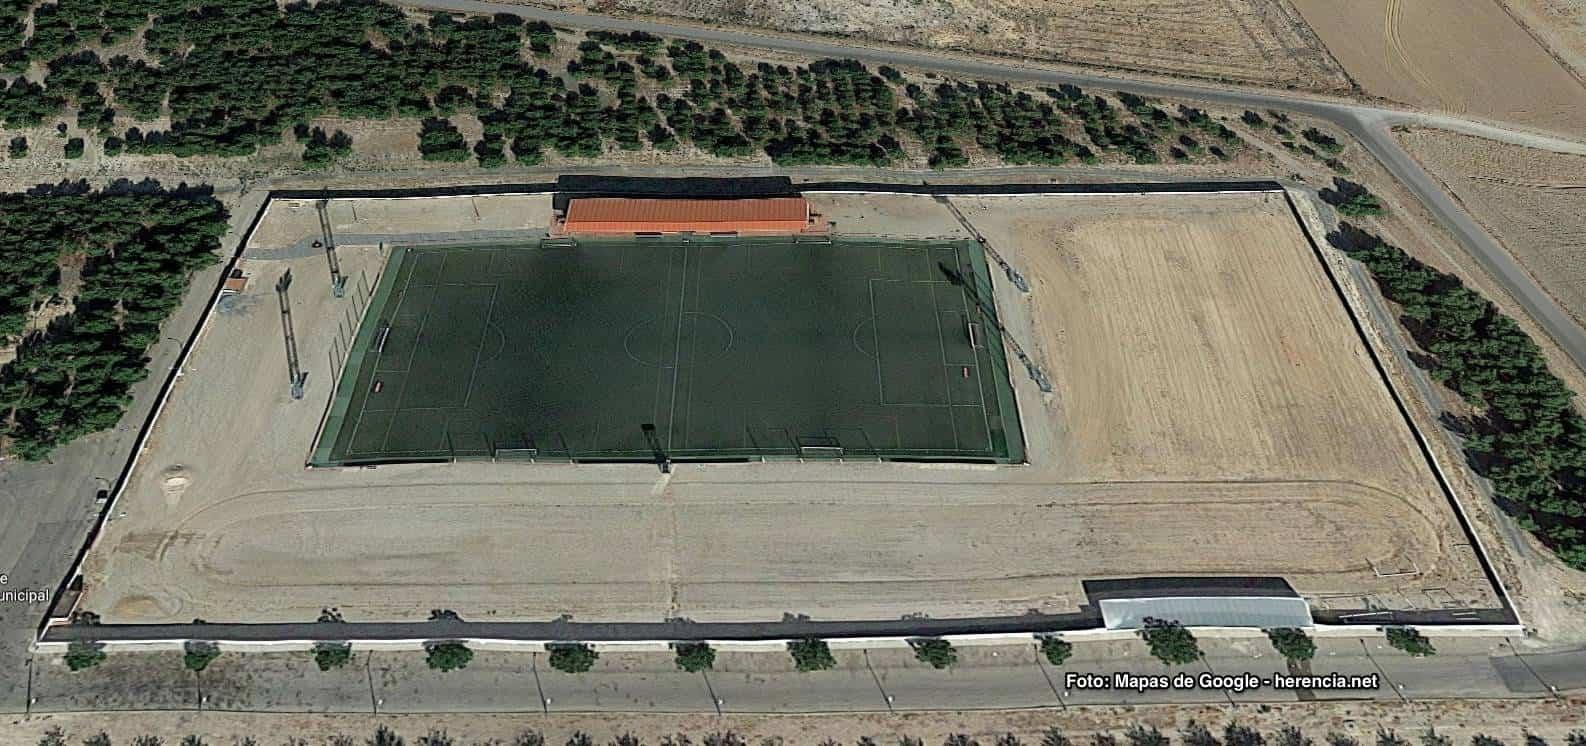 campo de futbol herencia mapa aereo - Próxima renovación del césped del Campo de Fútbol y nuevo campo de fútbol 8